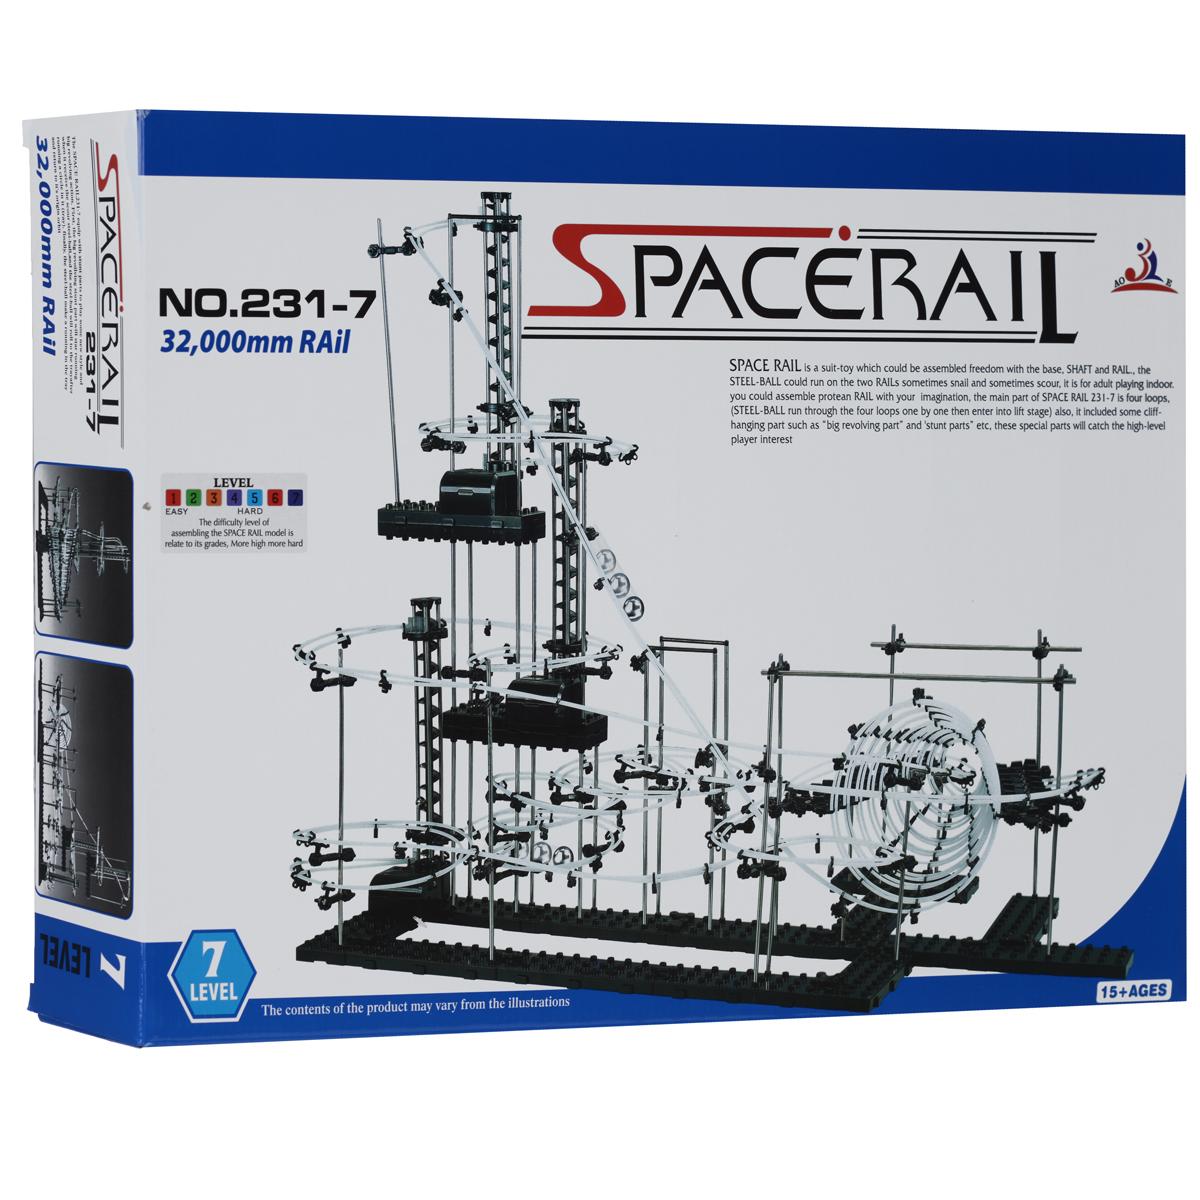 Space Rail Конструктор Уровень 7 231-7231-7Конструктор Space Rail - космическая трасса, представляет собой отличную пространственную головоломку, которая увлечет всю семью от мала до велика! Процесс сборки доставит удовольствие и детям, и родителям, а запуск космической трассы приведет всех в восторг. Вы сможете построить захватывающие дороги общей длиной до 32 метров и сами задать траектории, по которым стремительно будут проноситься металлические шарики. Это интереснейший аттракцион, напоминающий американские горки, за которым можно наблюдать часами. Комплект включает элементы для сборки модели, 8 металлических шариков и схематичную инструкцию, которая позволит собрать конструкцию правильно и быстро. Сборка конструктора поможет ребенку развить пространственное мышление и фантазию. Собранная модель станет изюминкой вашего дома и привлечет внимание окружающих. Вы и ваш ребенок сможете гордиться тем, что самостоятельно собрали такой аттракцион. Характеристики: Материал: пластик, металл. ...